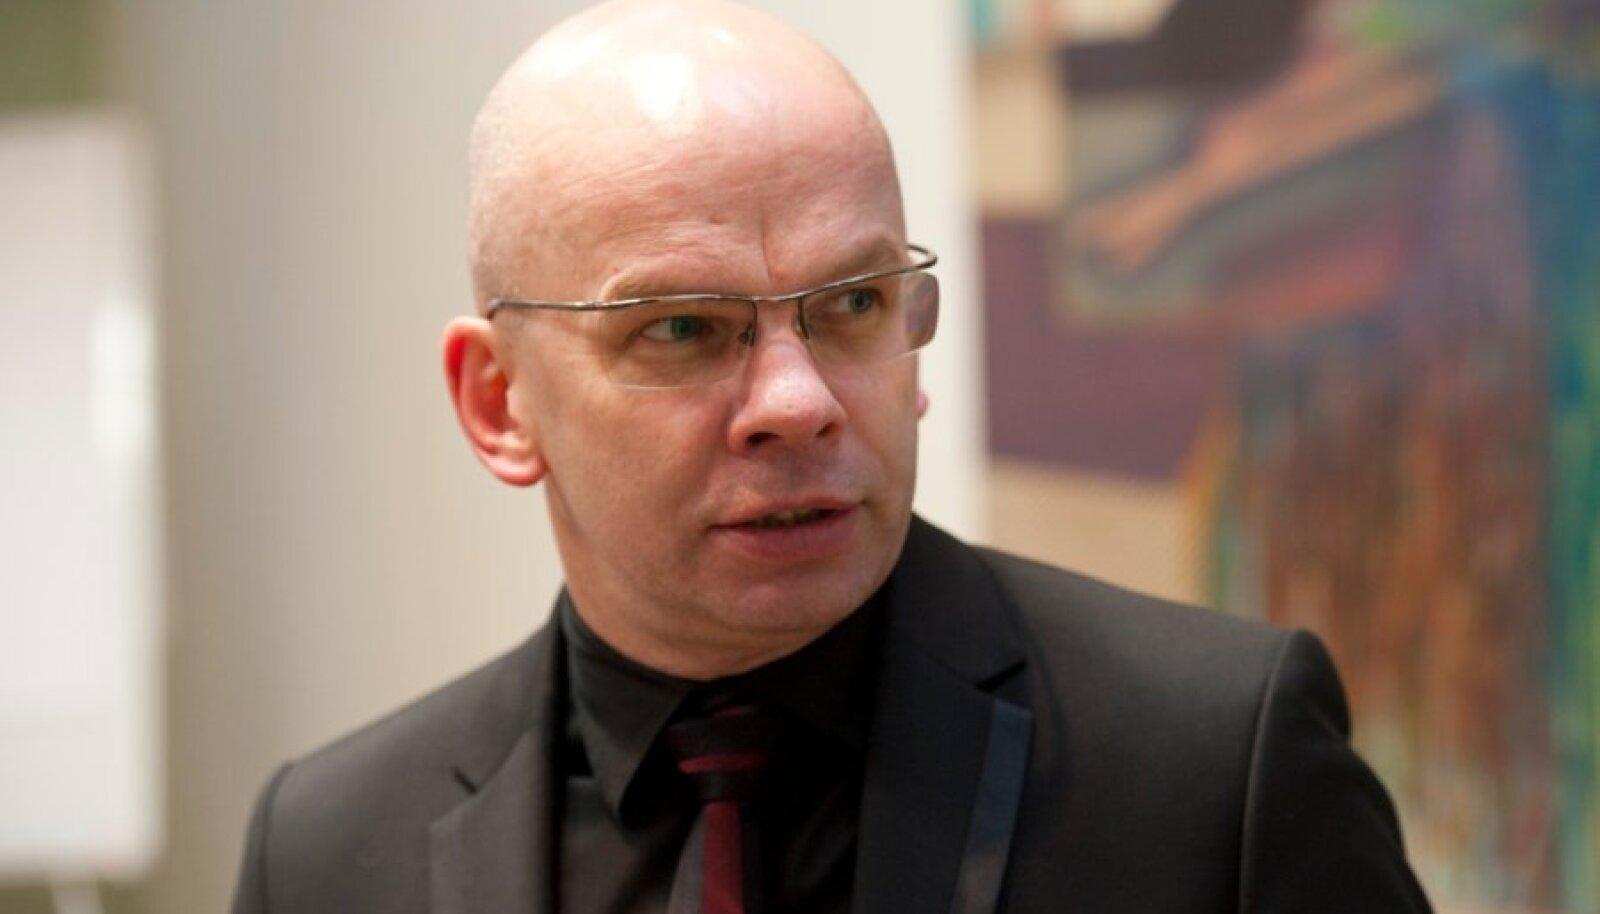 Allar Jõks ütles, et tema ei kirjutanud tellimustööd, vaid analüüsis õiguslikku küsimust.